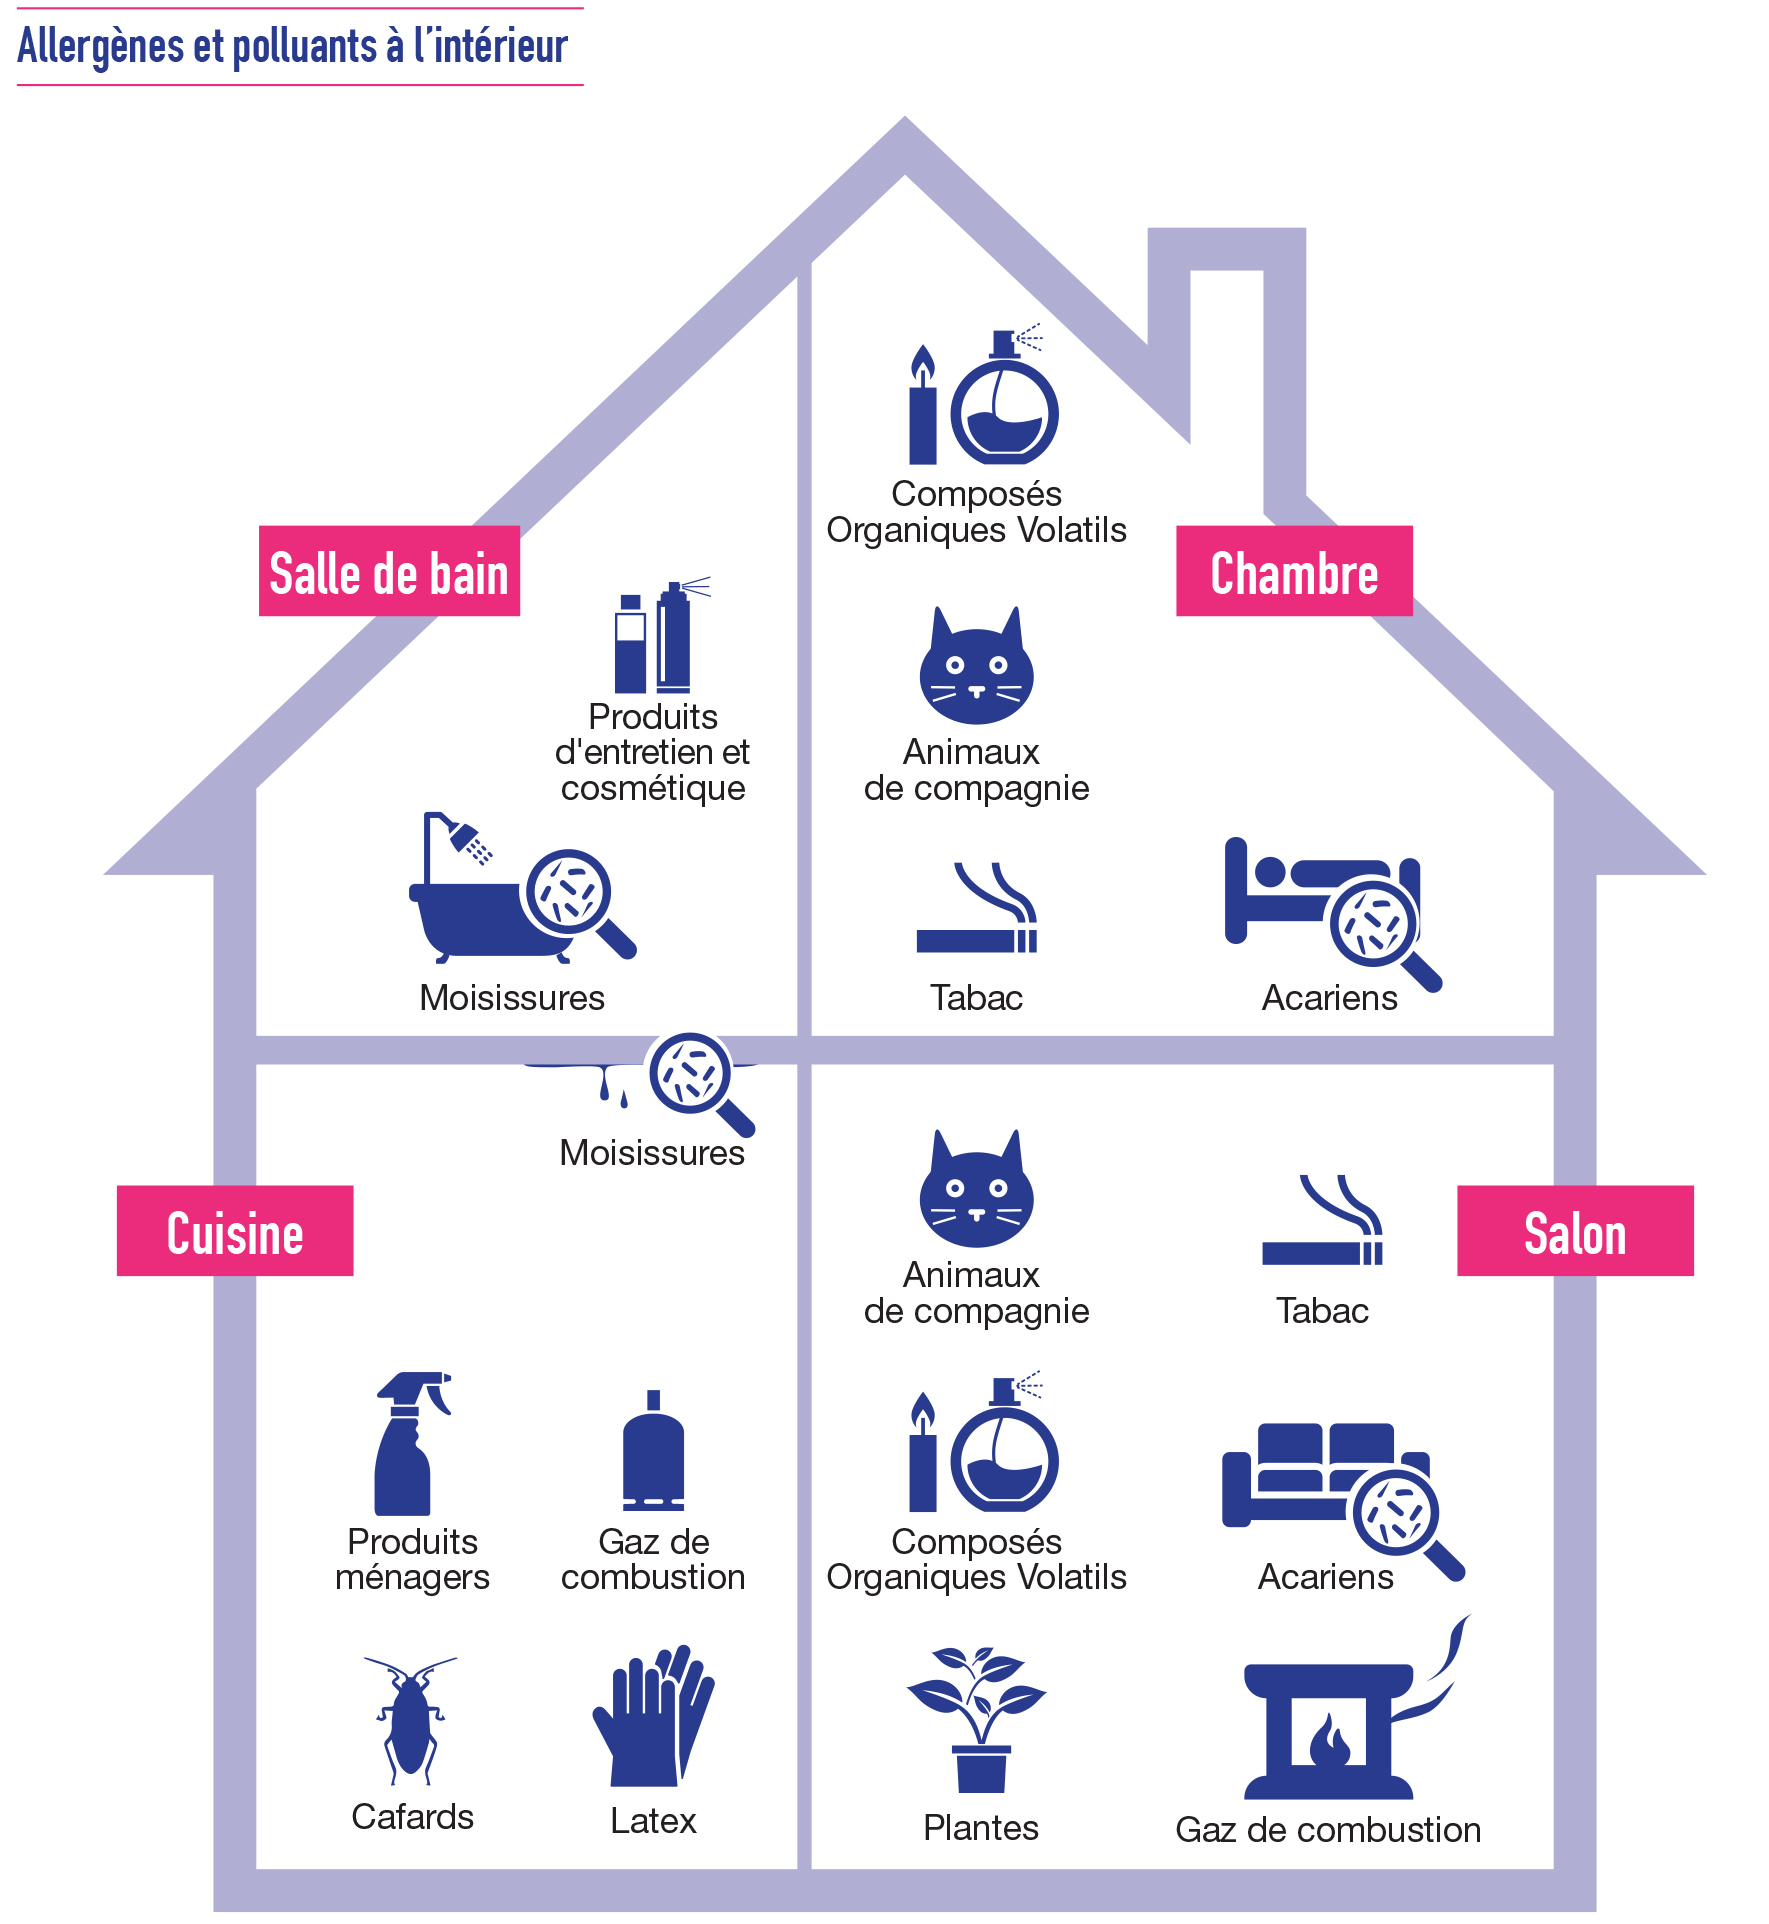 les allerg nes harmonie prevention le site pr vention d 39 harmonie mutuelle dossiers sant. Black Bedroom Furniture Sets. Home Design Ideas